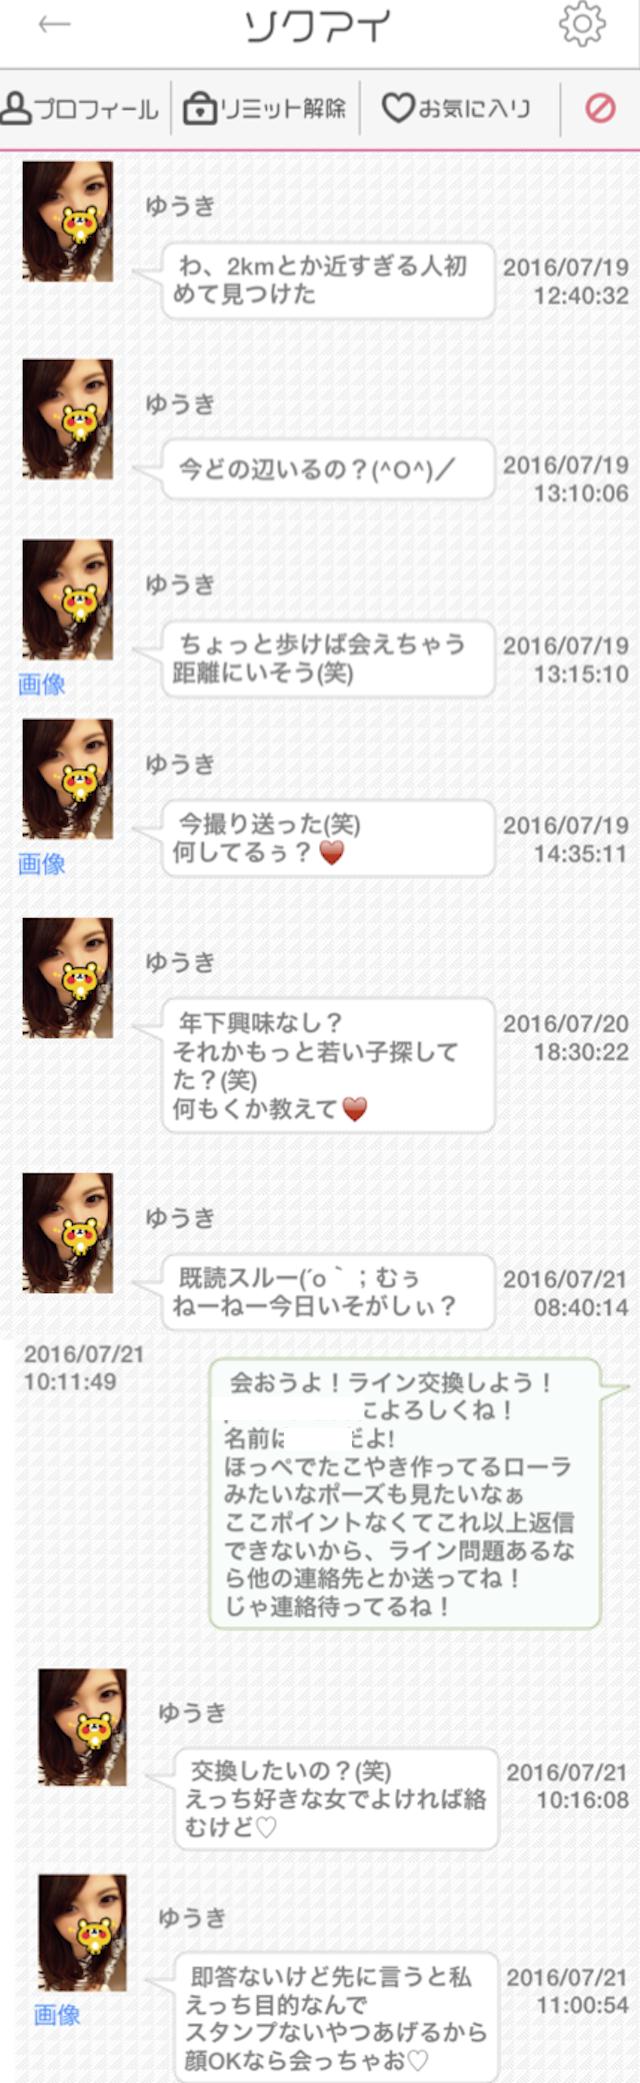 ソクアイ_出会いアプリ6